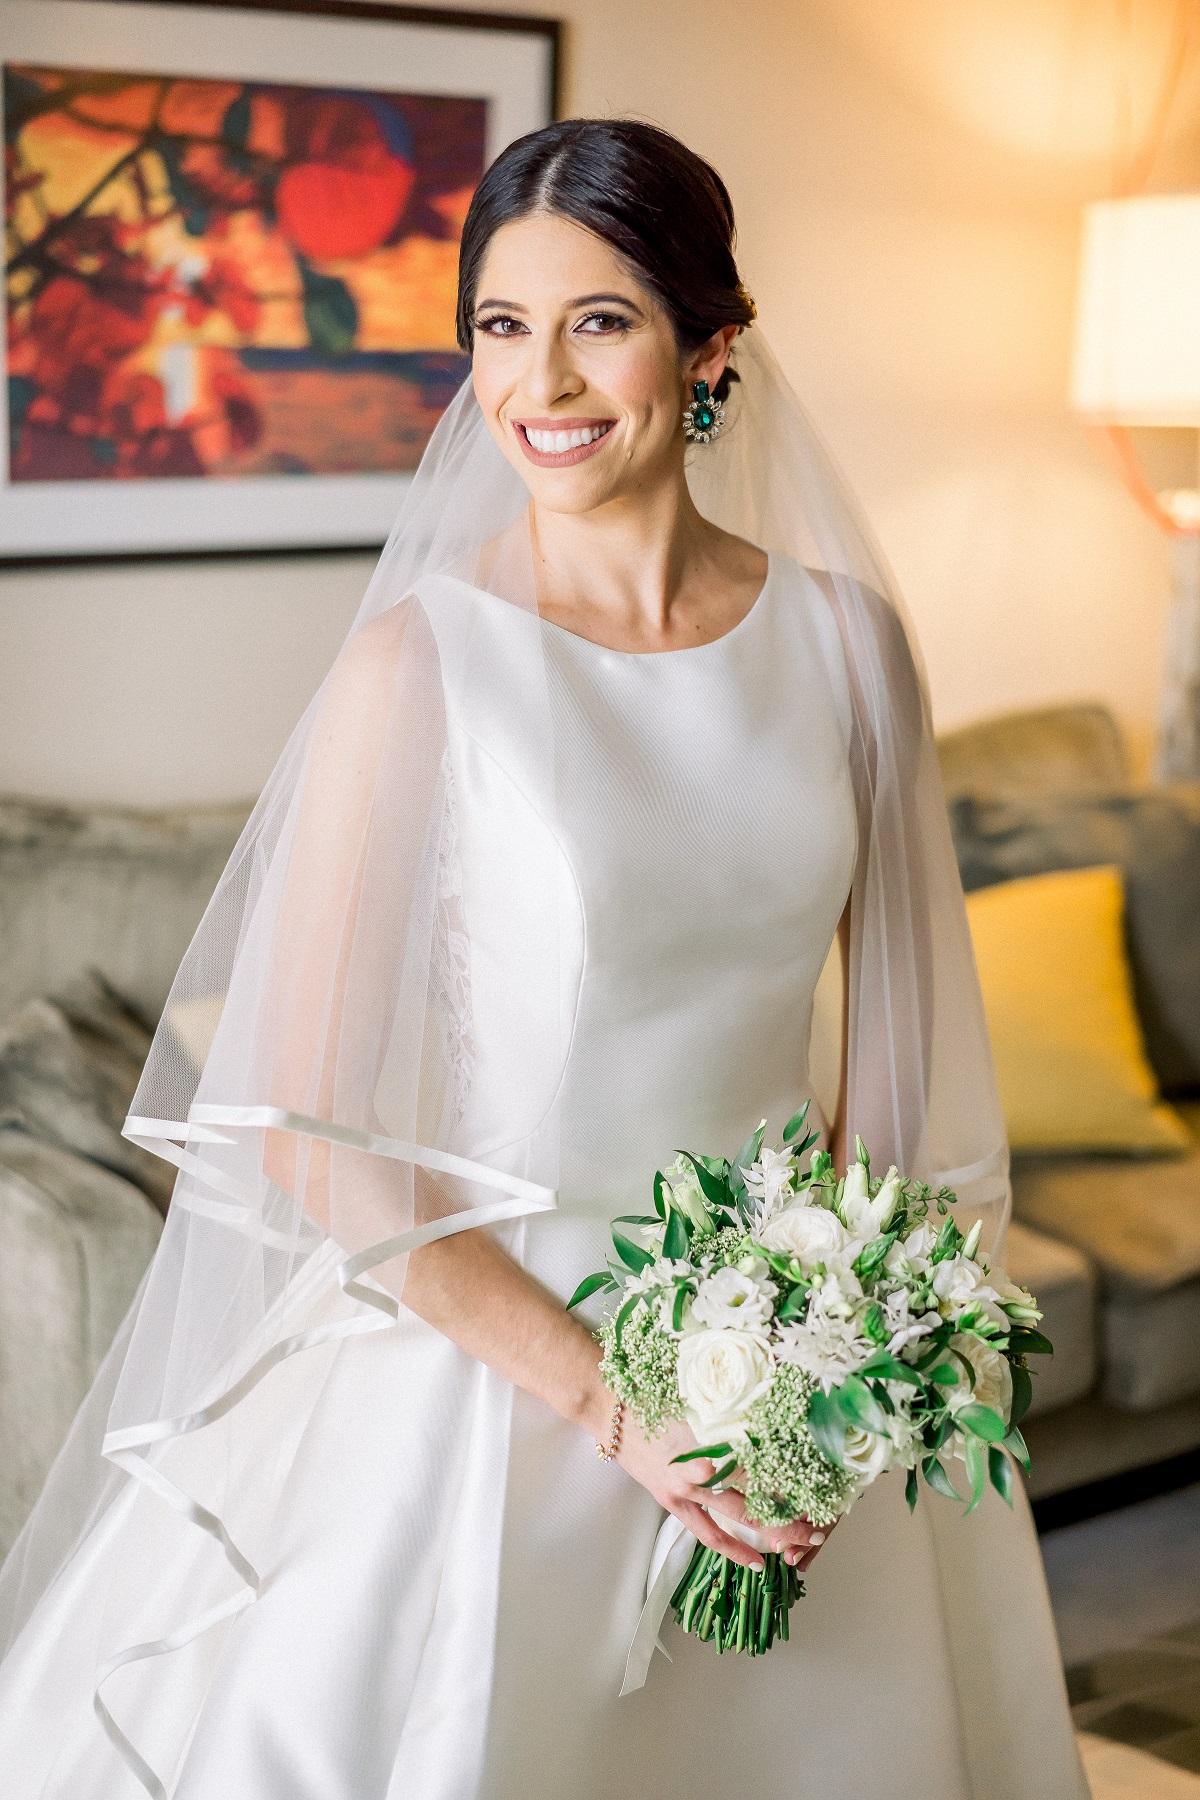 Traje de la novia: D'Royal Bride. Maquillaje y peinado: Adriel Ortiz (José Ruiz)